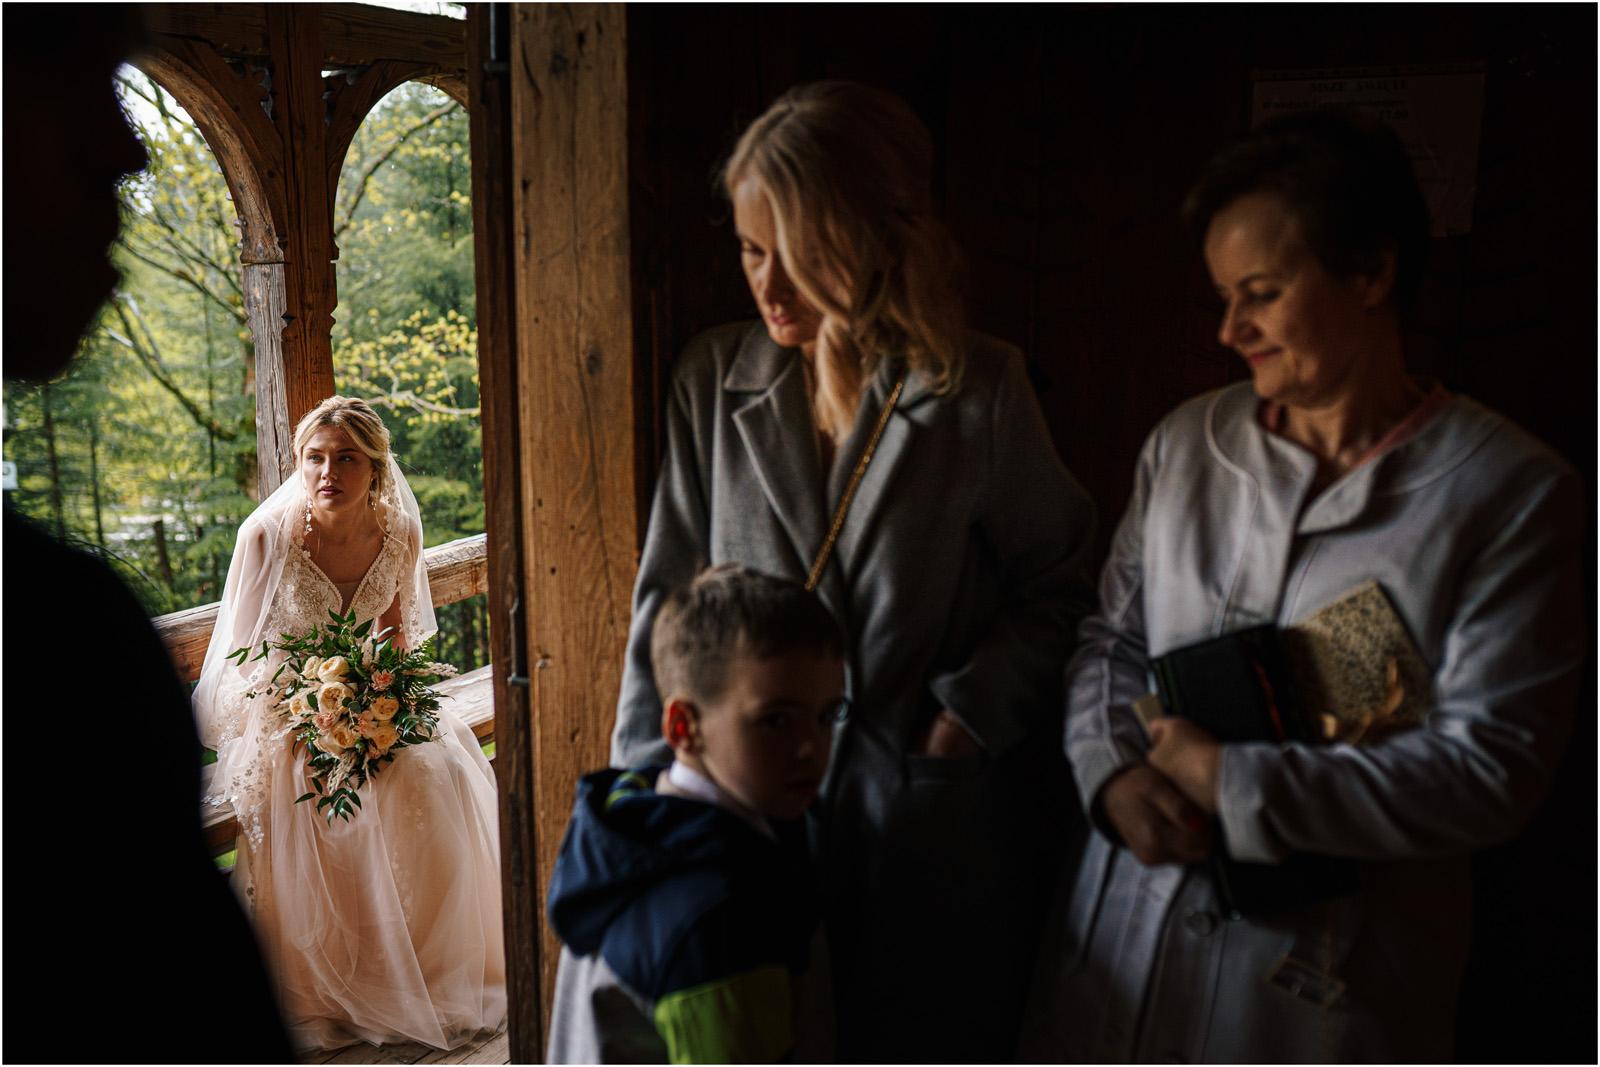 Amanda & Błażej | ślub i sesja w górach 26